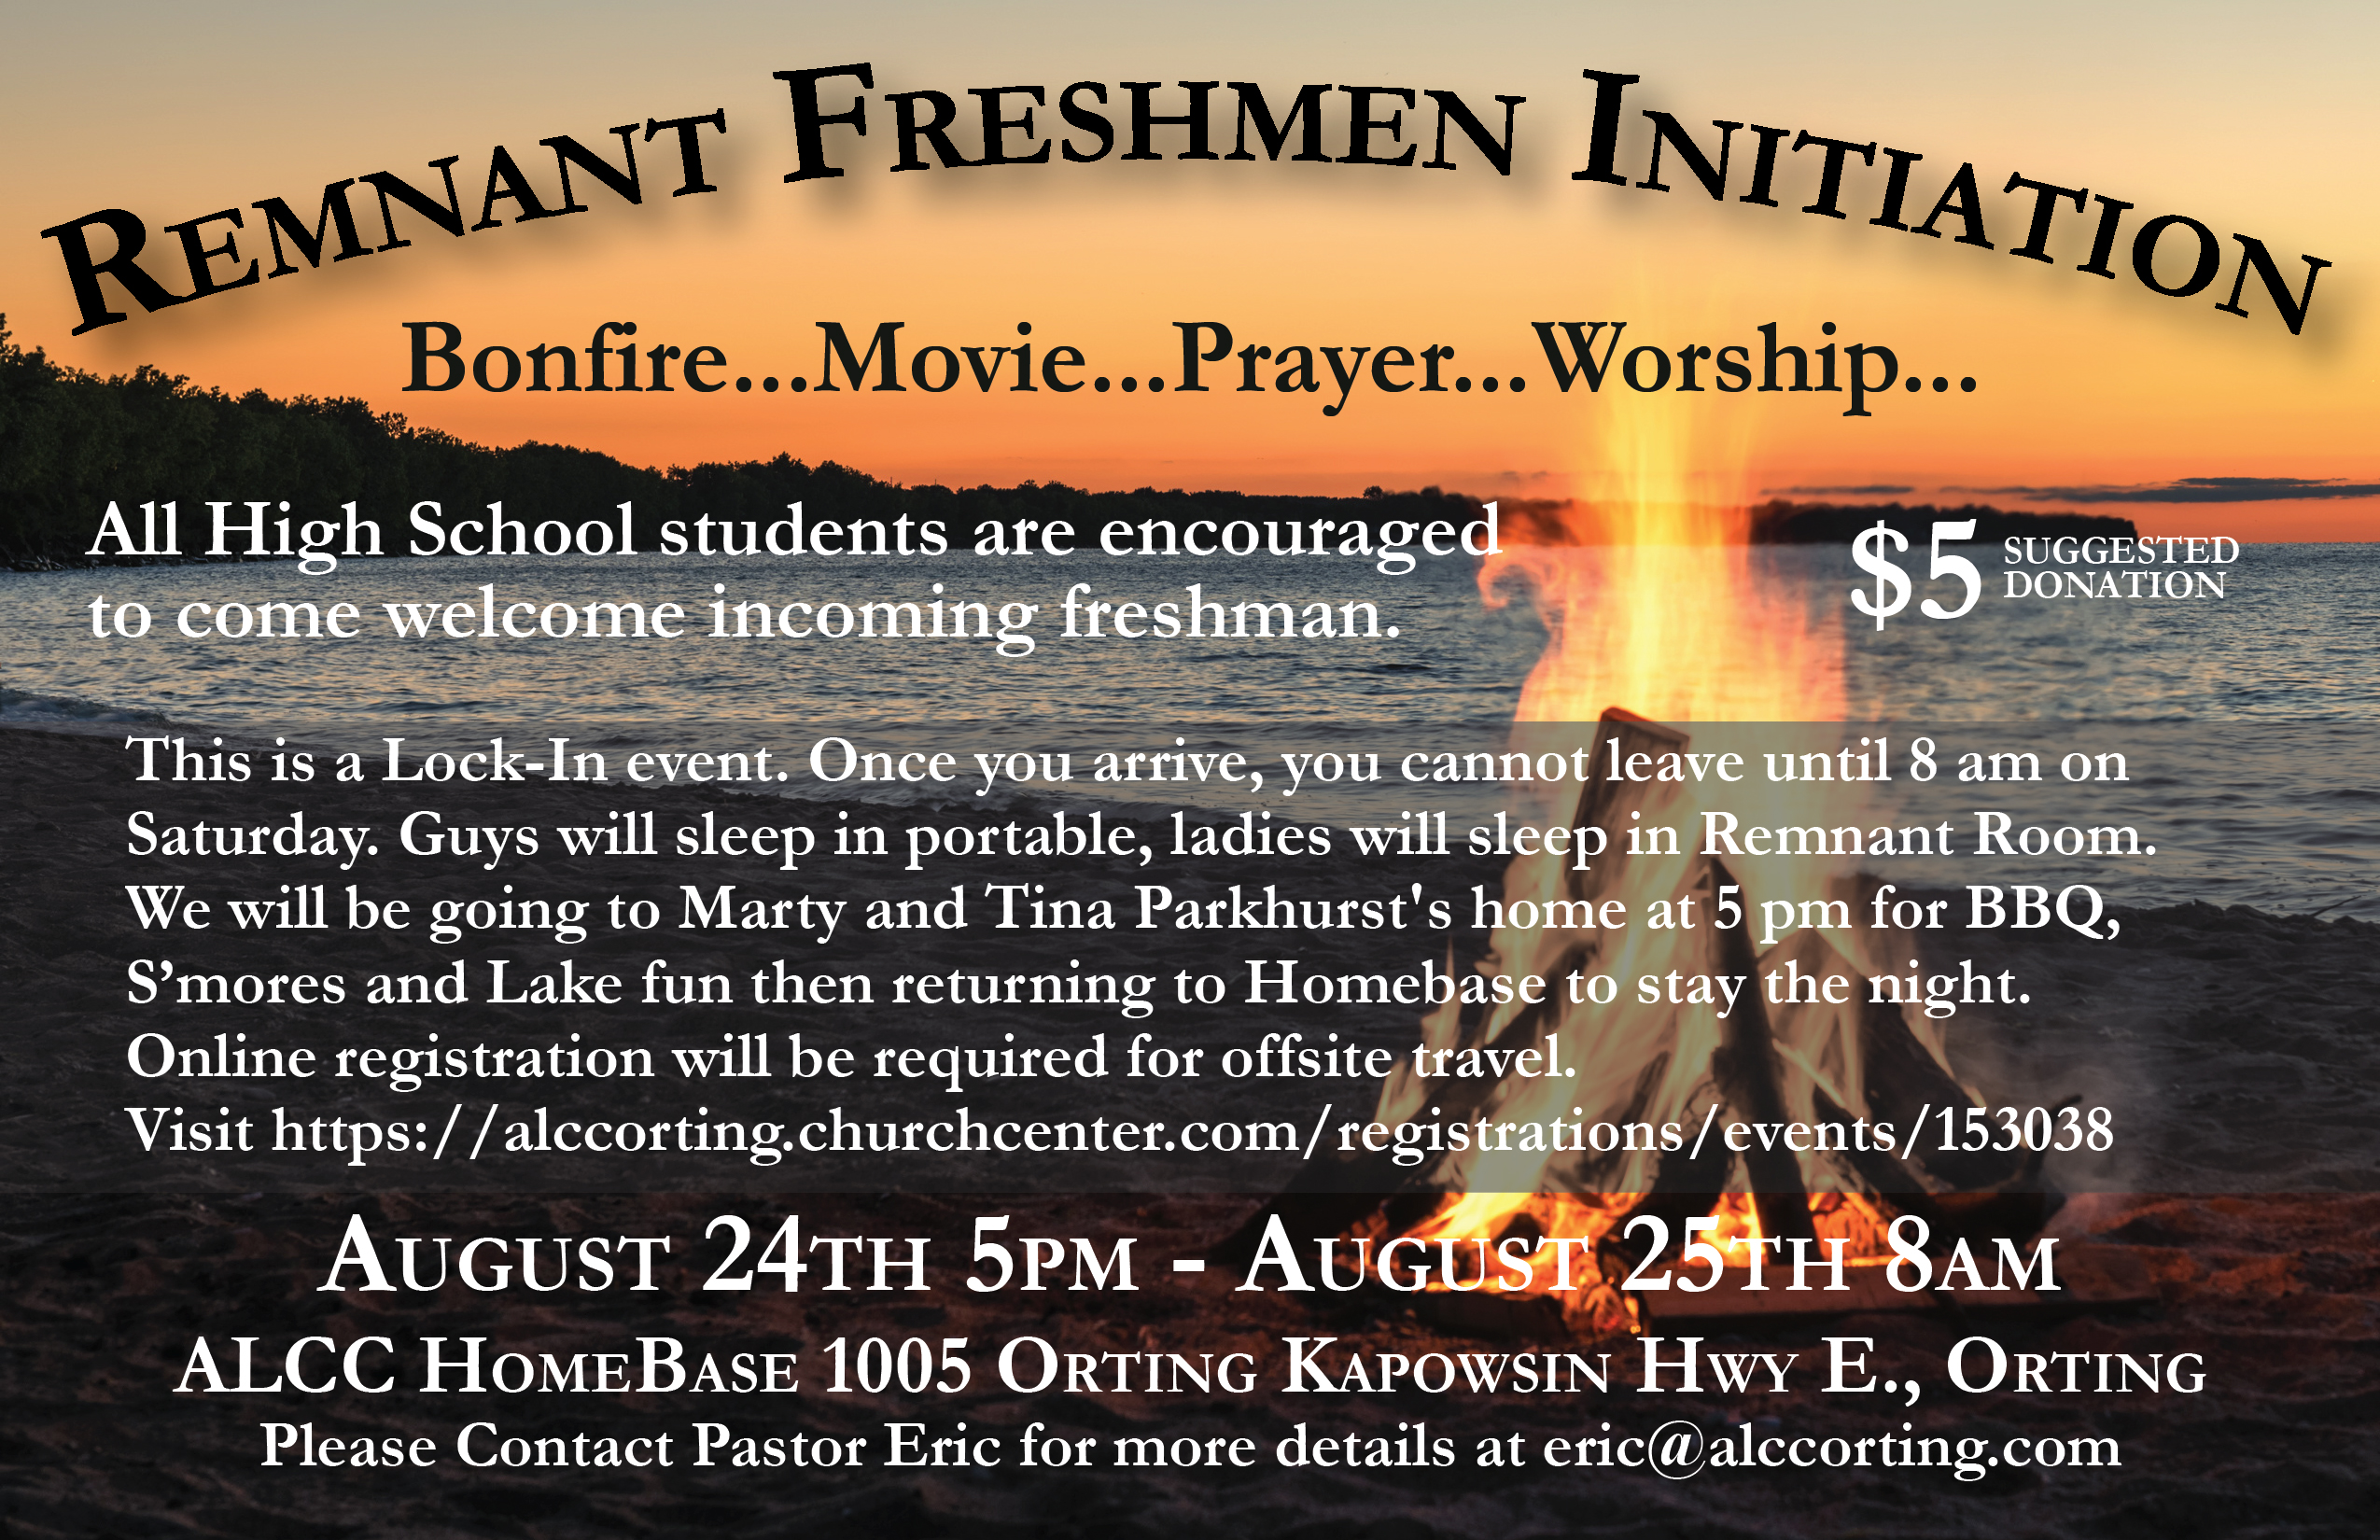 Remnant freshmen initiation